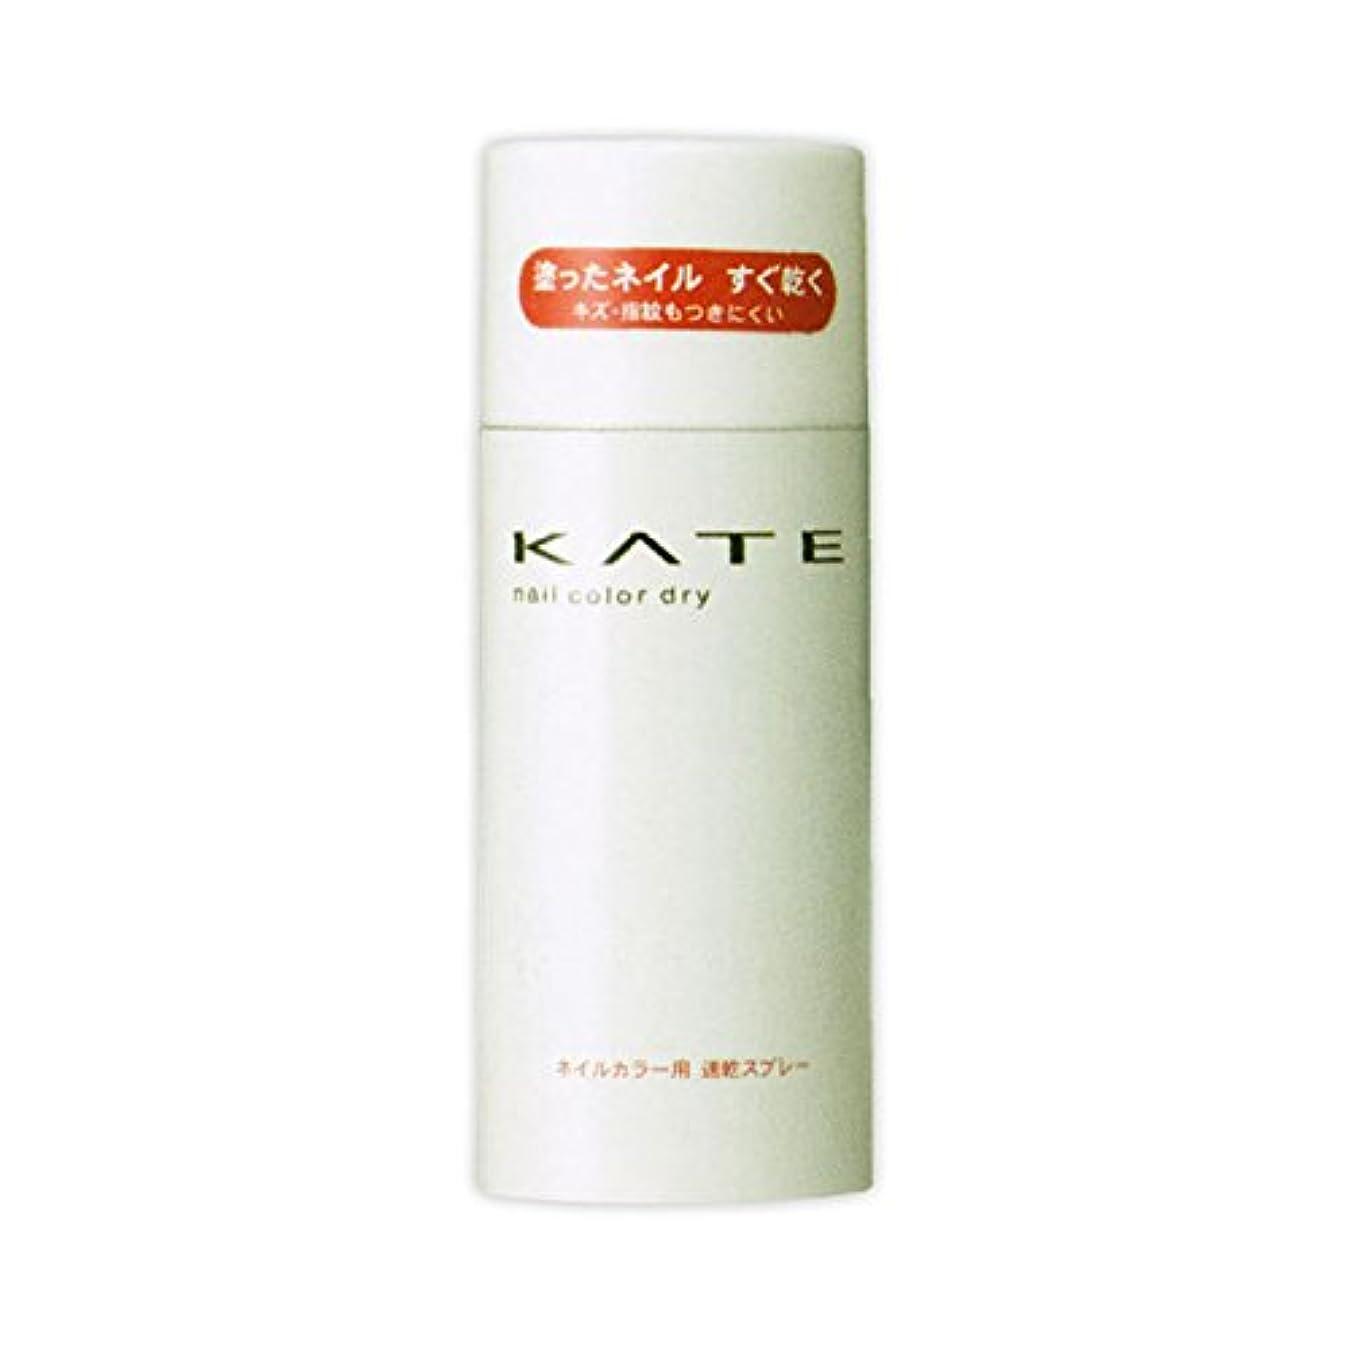 アナウンサー削る量でカネボウ ケイト KATE ネイルカラードライ S 90g